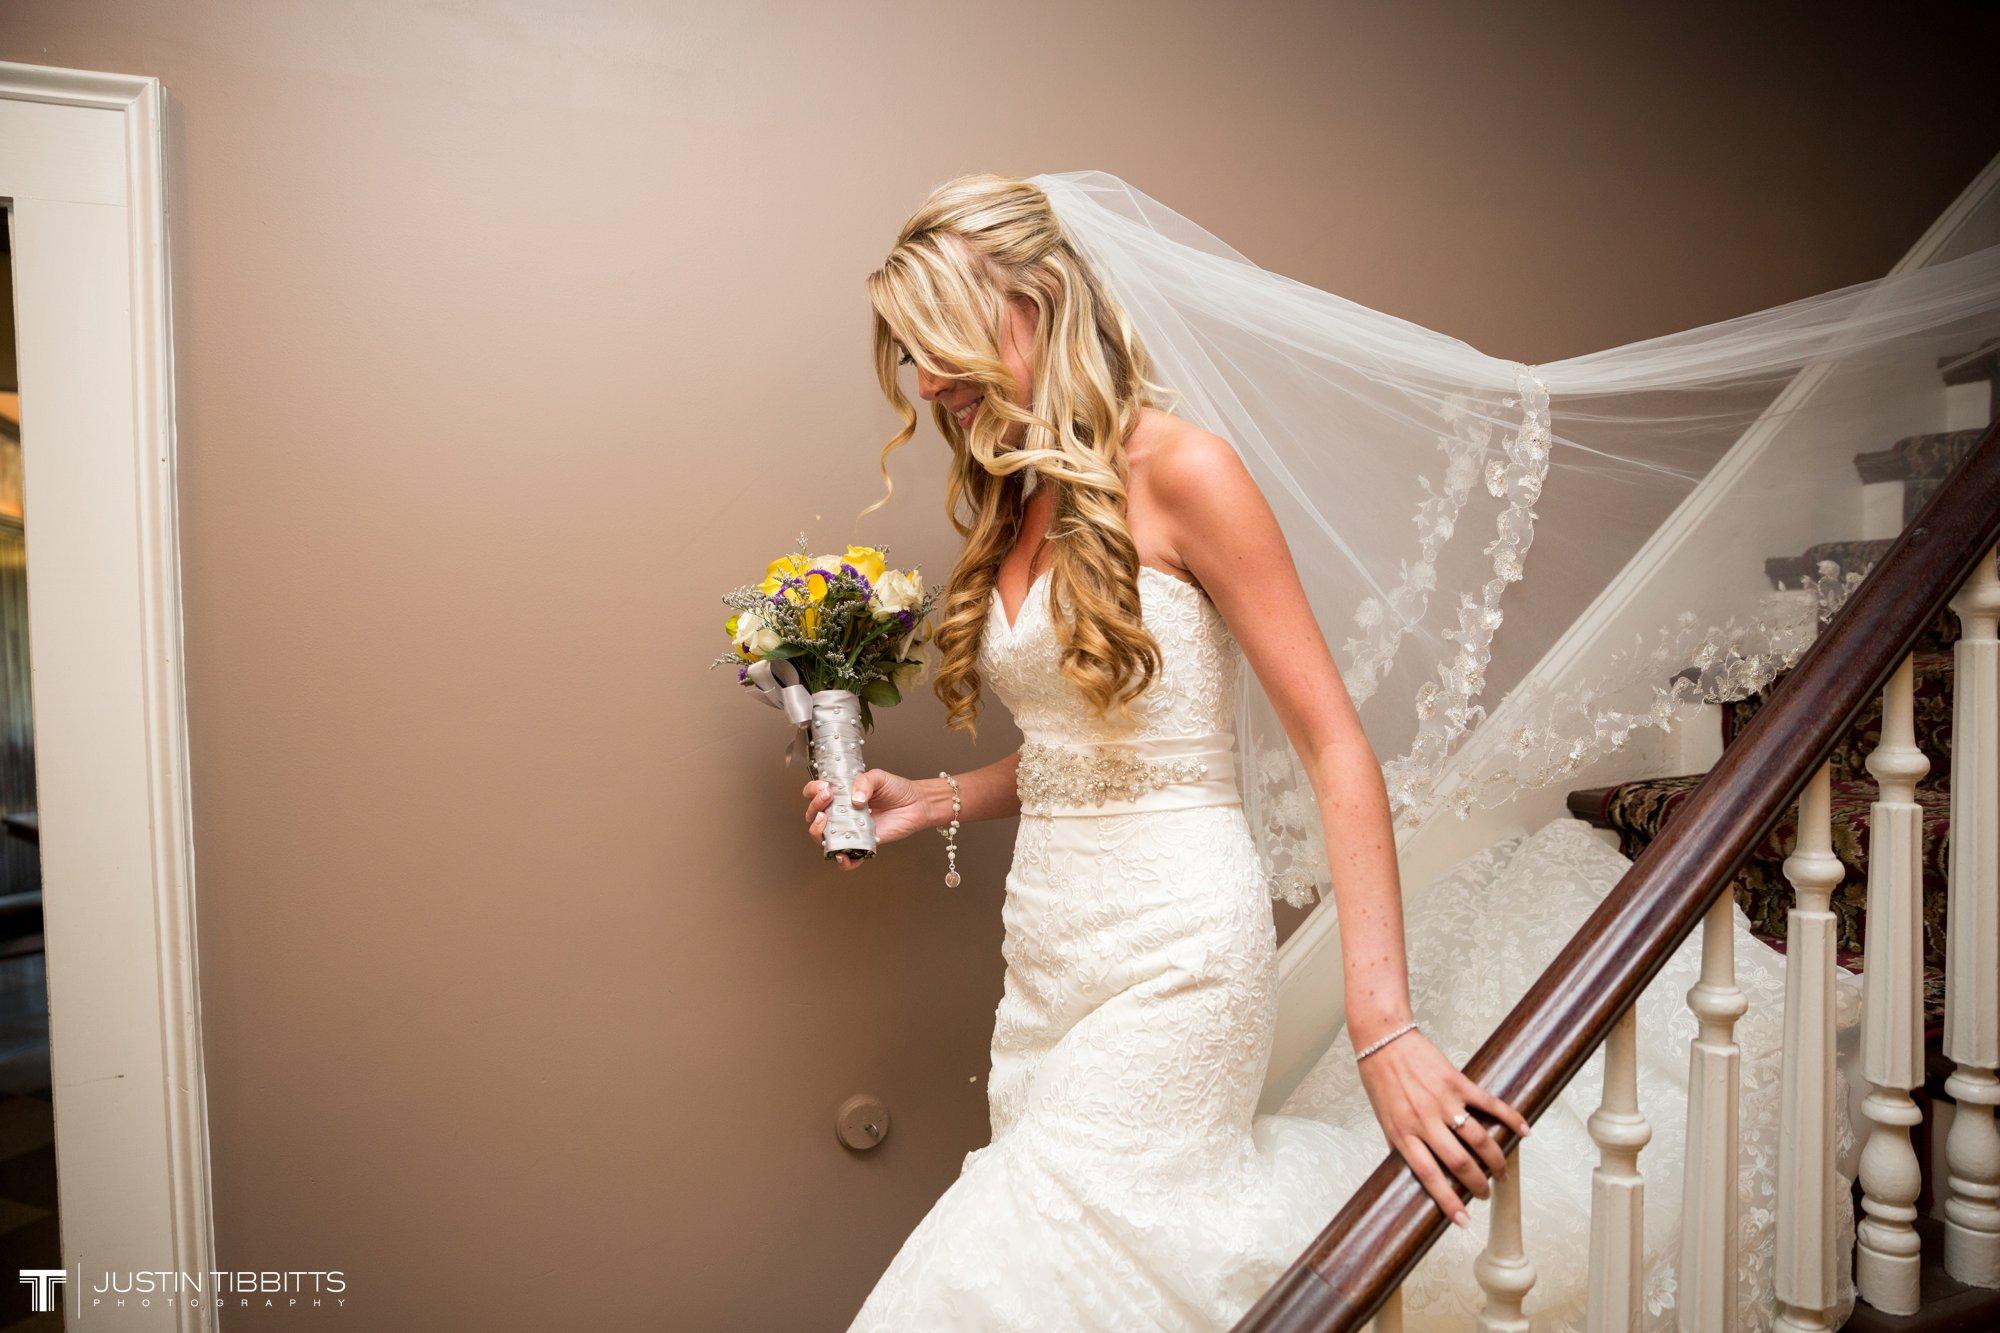 Albany NY Wedding Photographer Justin Tibbitts Photography 2014 Best of Albany NY Weddings-821258